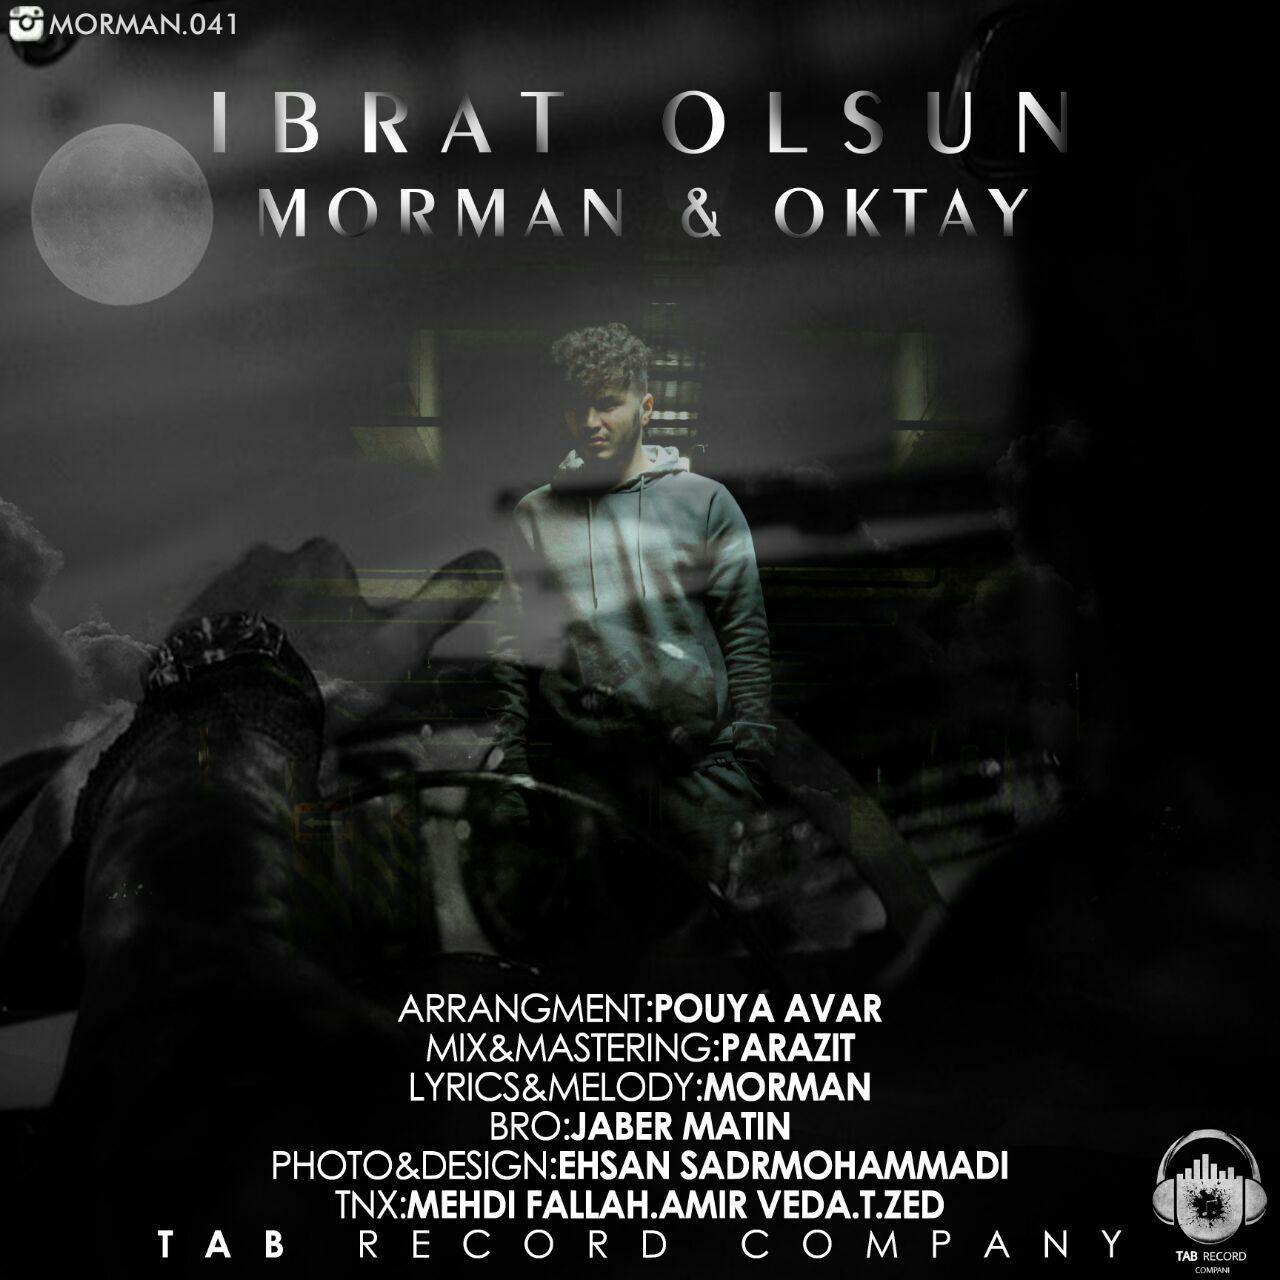 http://s8.picofile.com/file/8355228150/13Morman_Oktay_Ibrat_Olsun.jpg